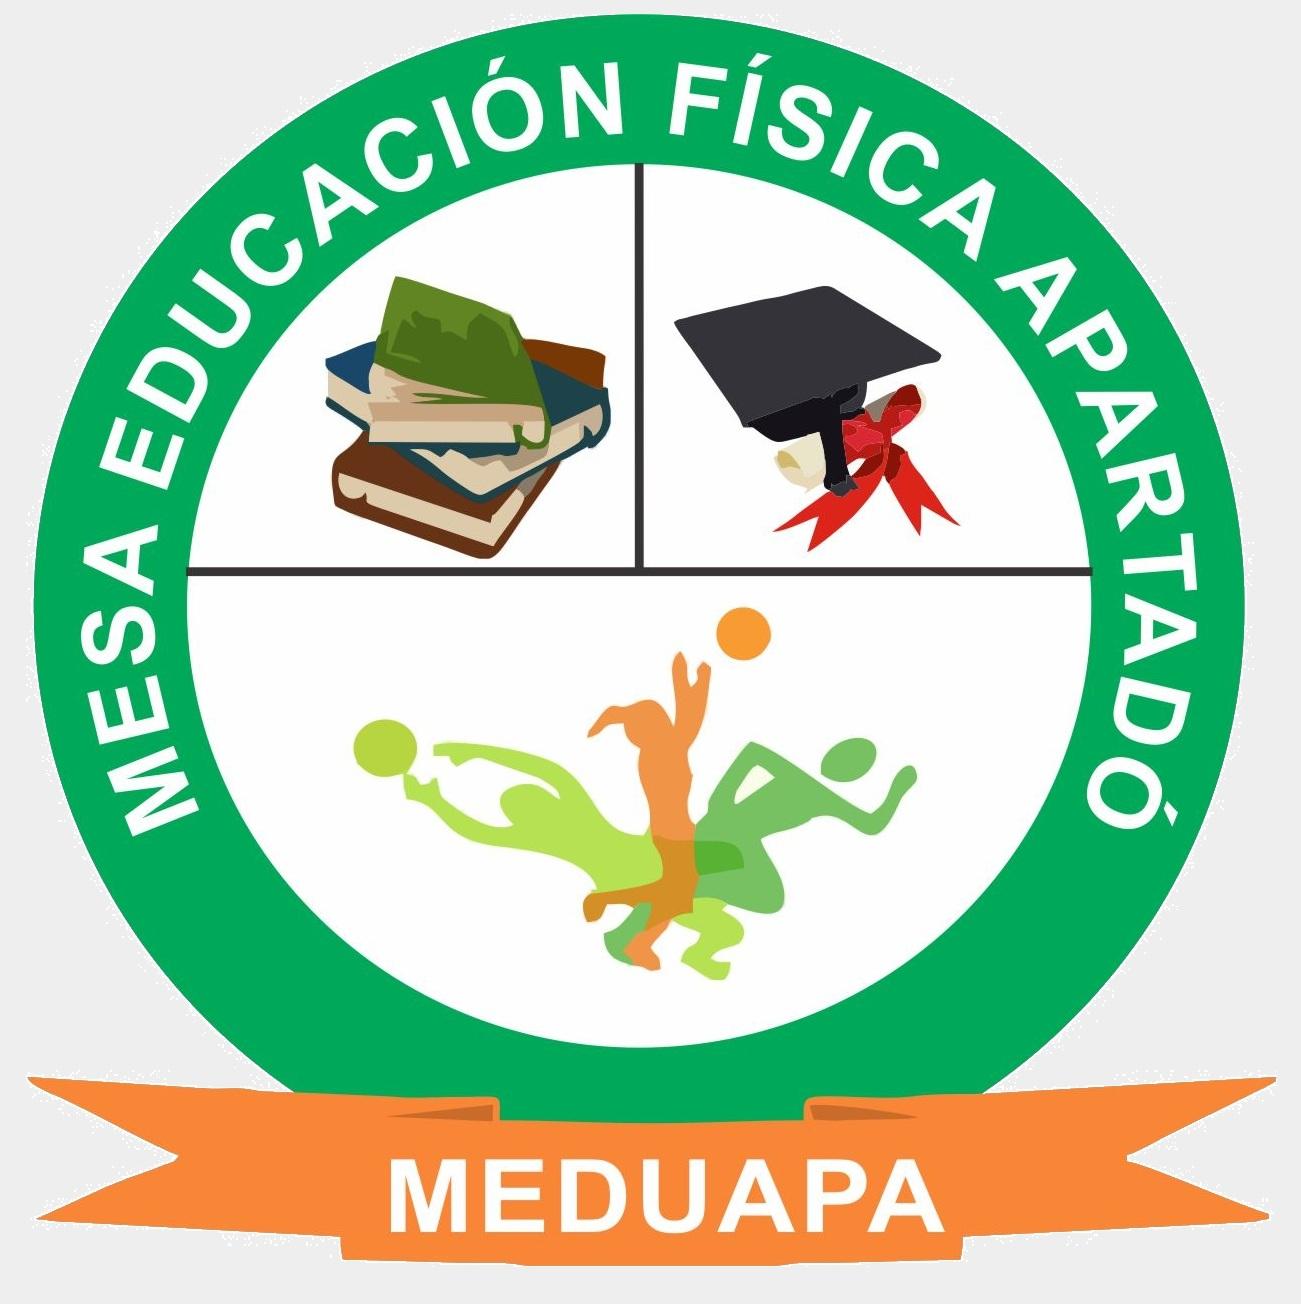 escudo meduapa para div